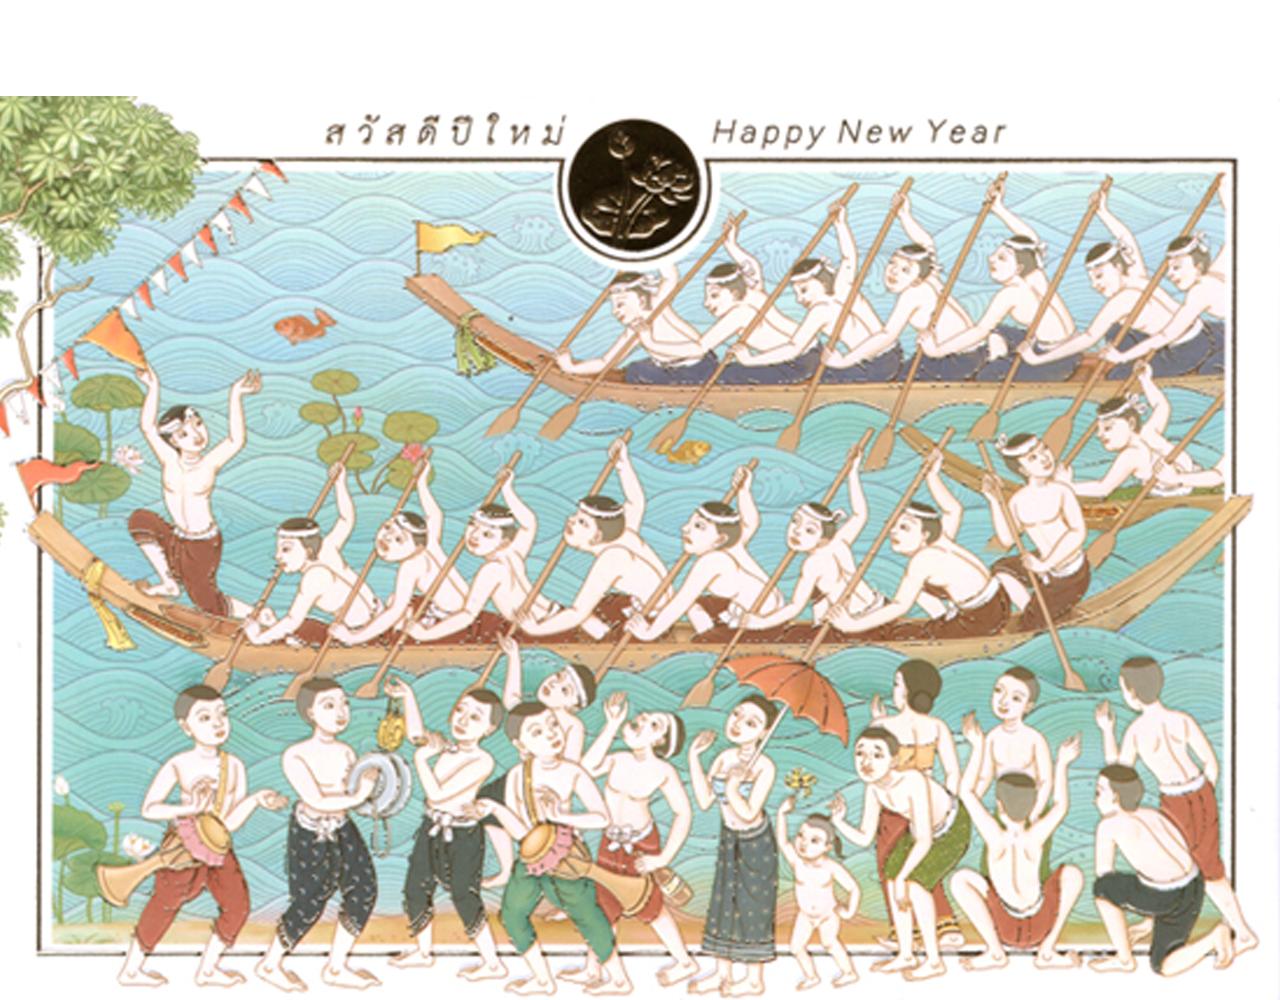 การ์ดปีใหม่ การ์ด ส.ค.ส.GN.5744